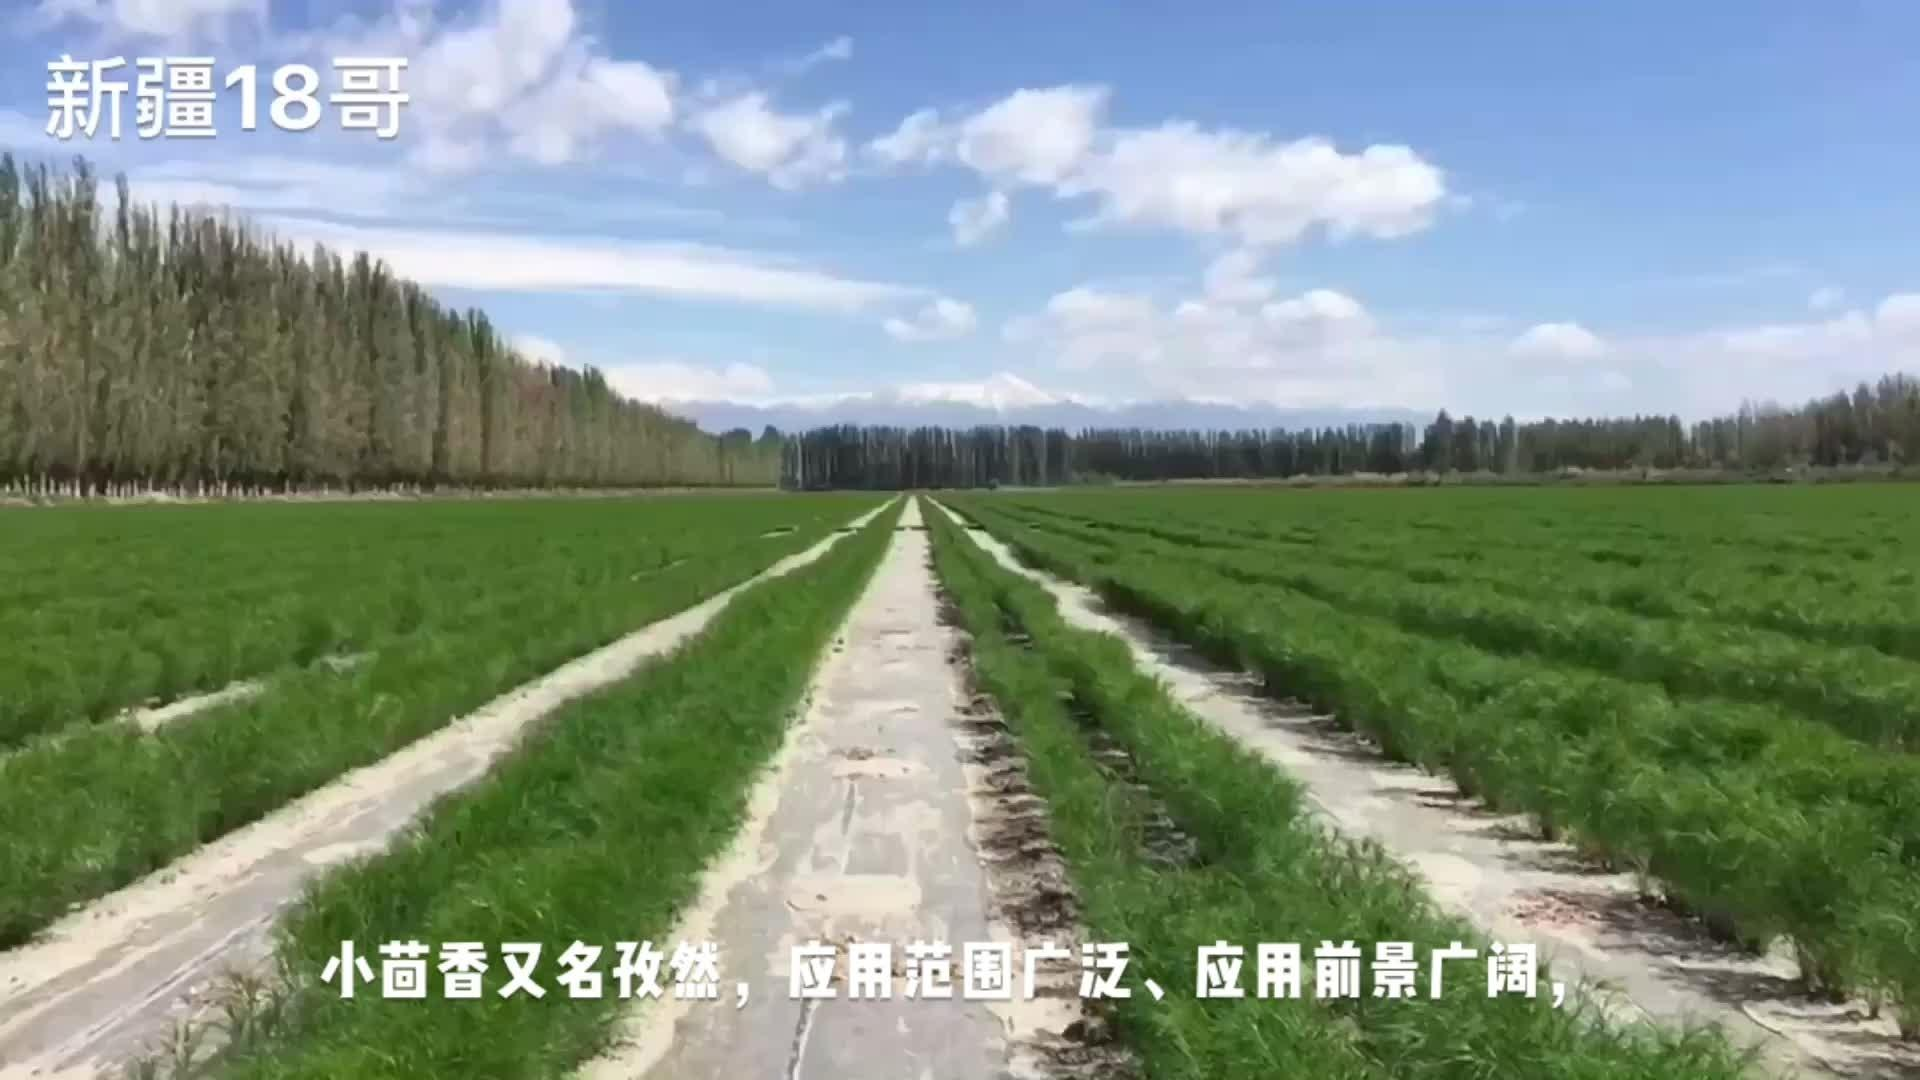 新疆和静县是小茴香的重要产地,是当地农业的特色经济作物之一。